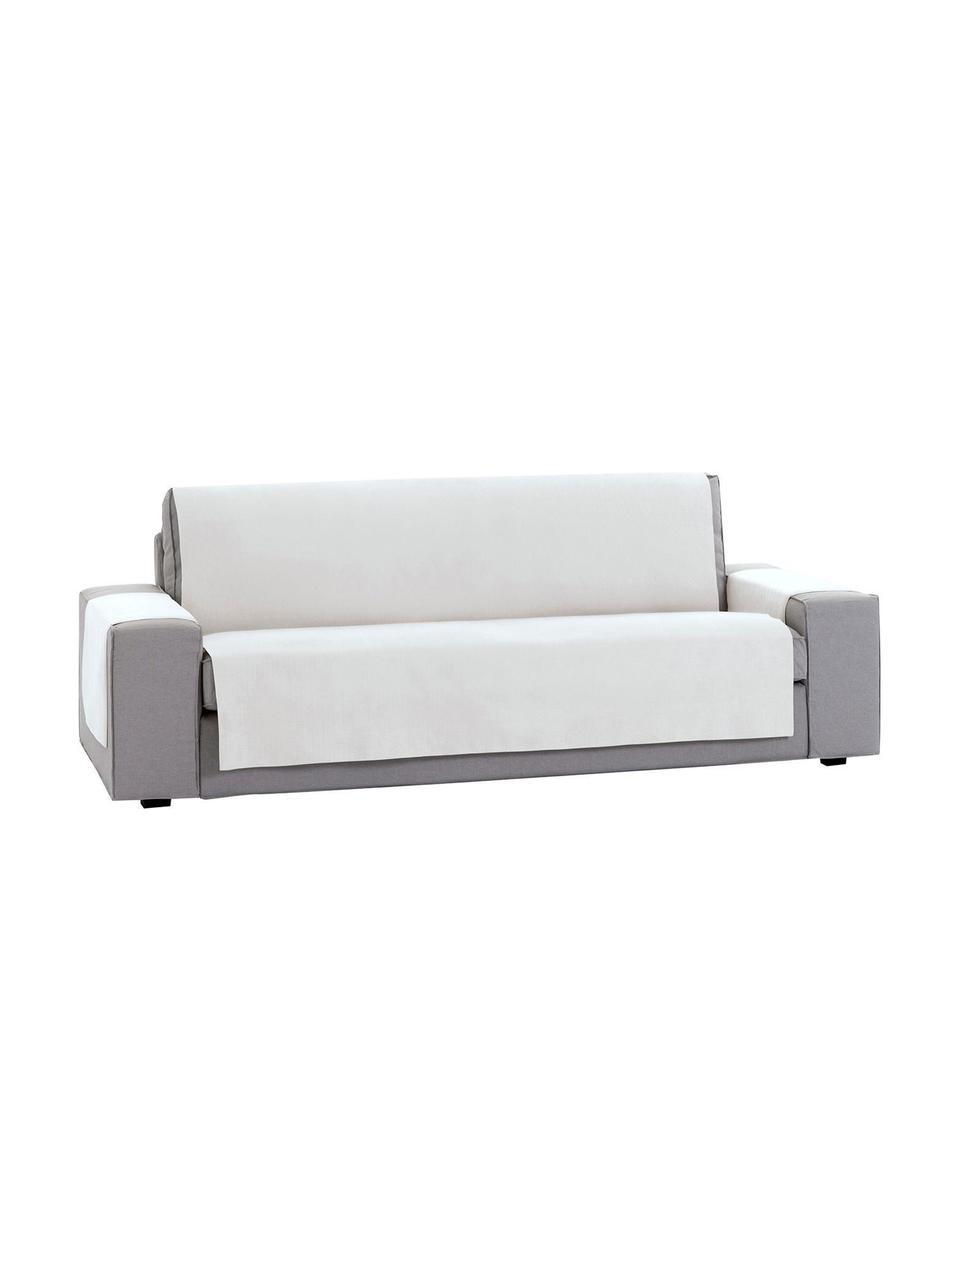 Narzuta na sofę Levante, 65% bawełna, 35% poliester, Odcienie kremowego, S 190 x D 220 cm